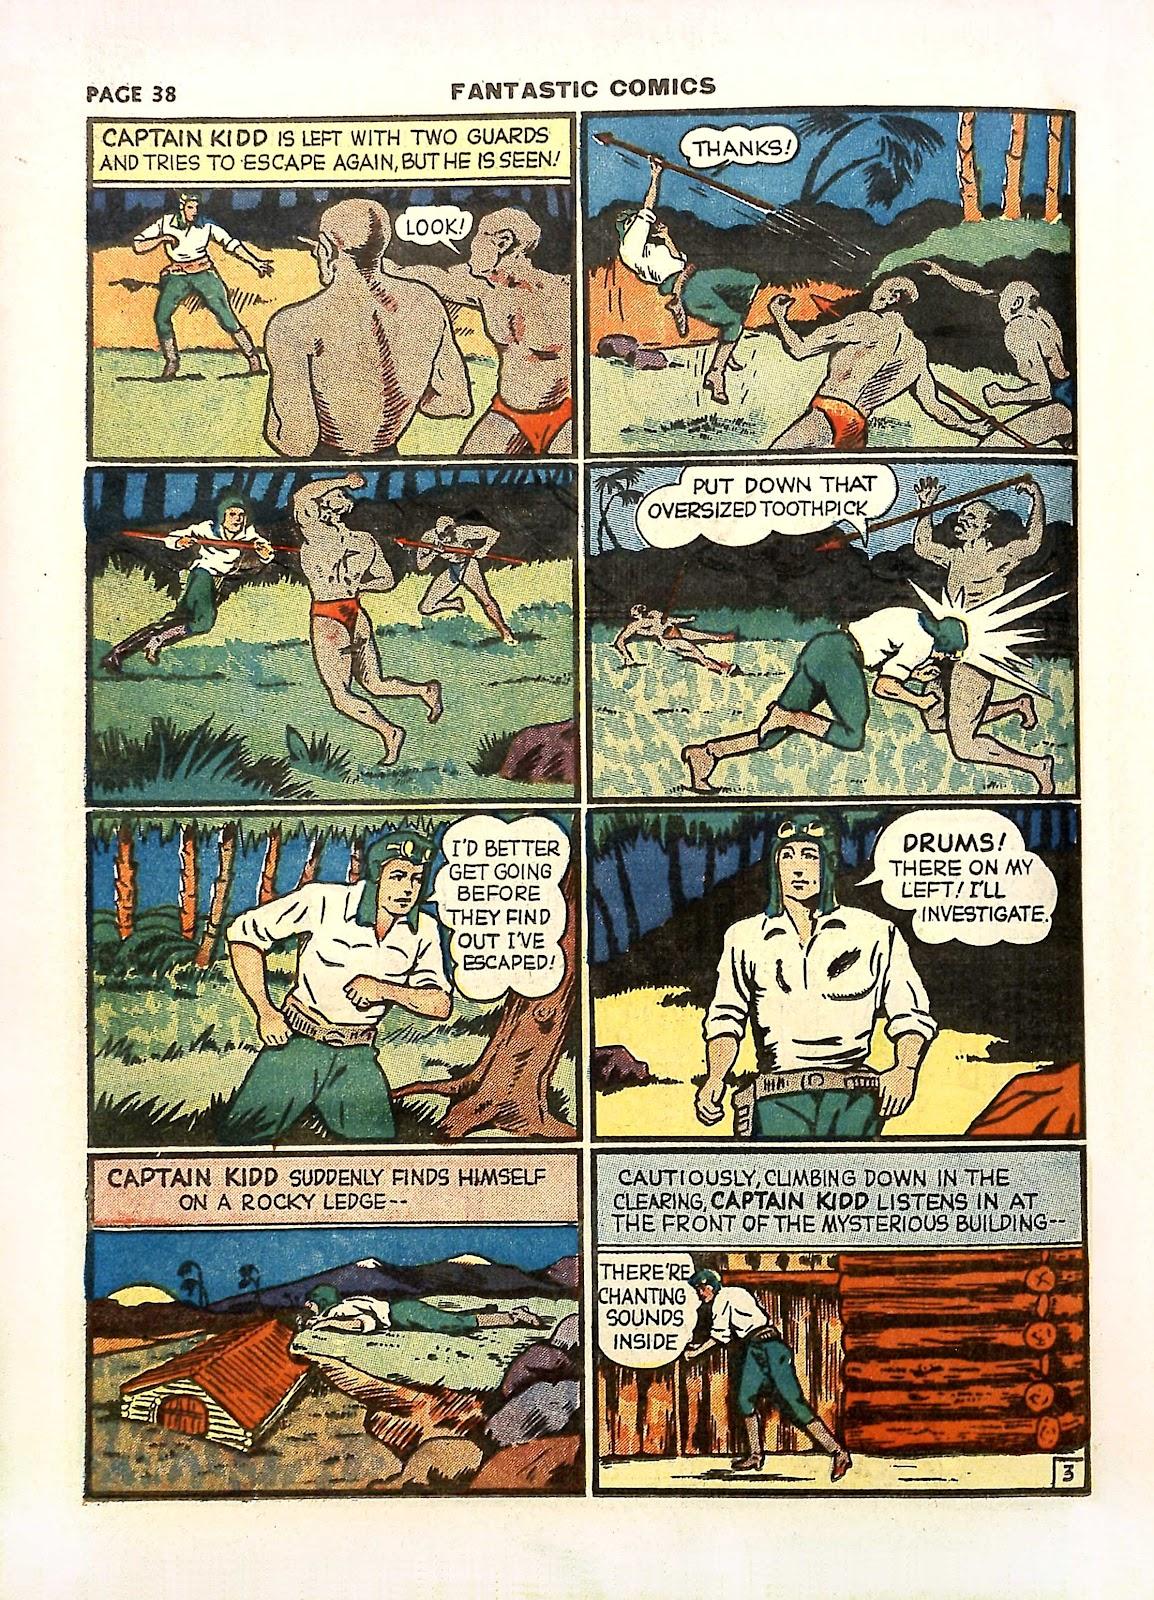 Read online Fantastic Comics comic -  Issue #11 - 41